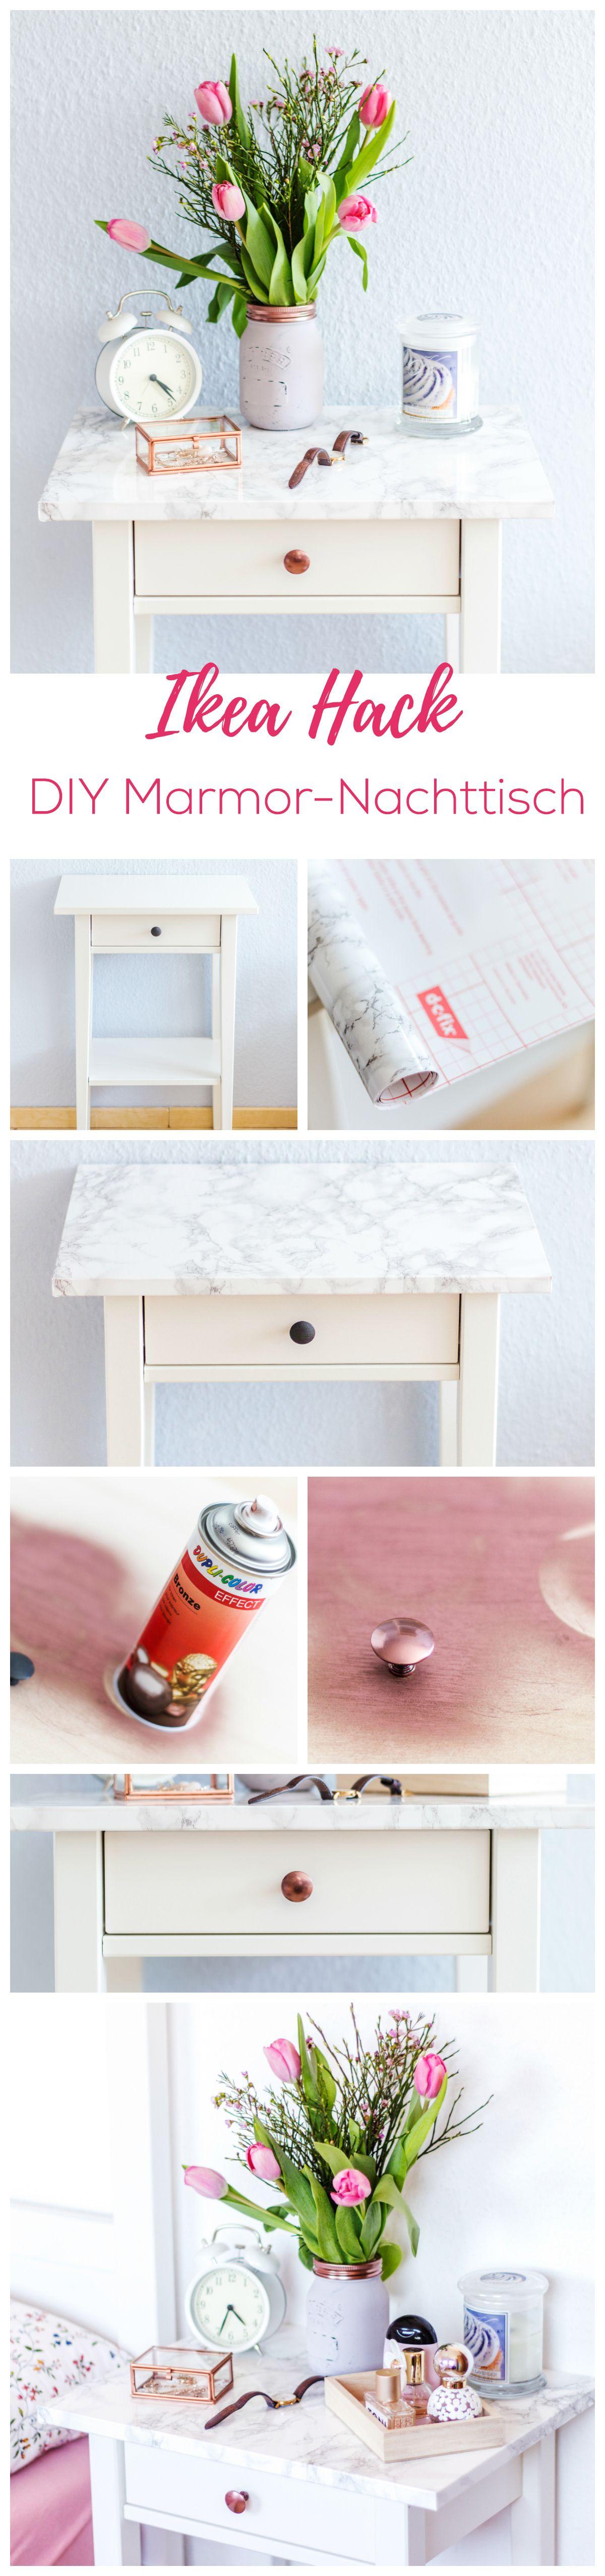 0f963ef485b8ffd348a98fcf4488a140 Impressionnant De Table Ikea Blanche Schème